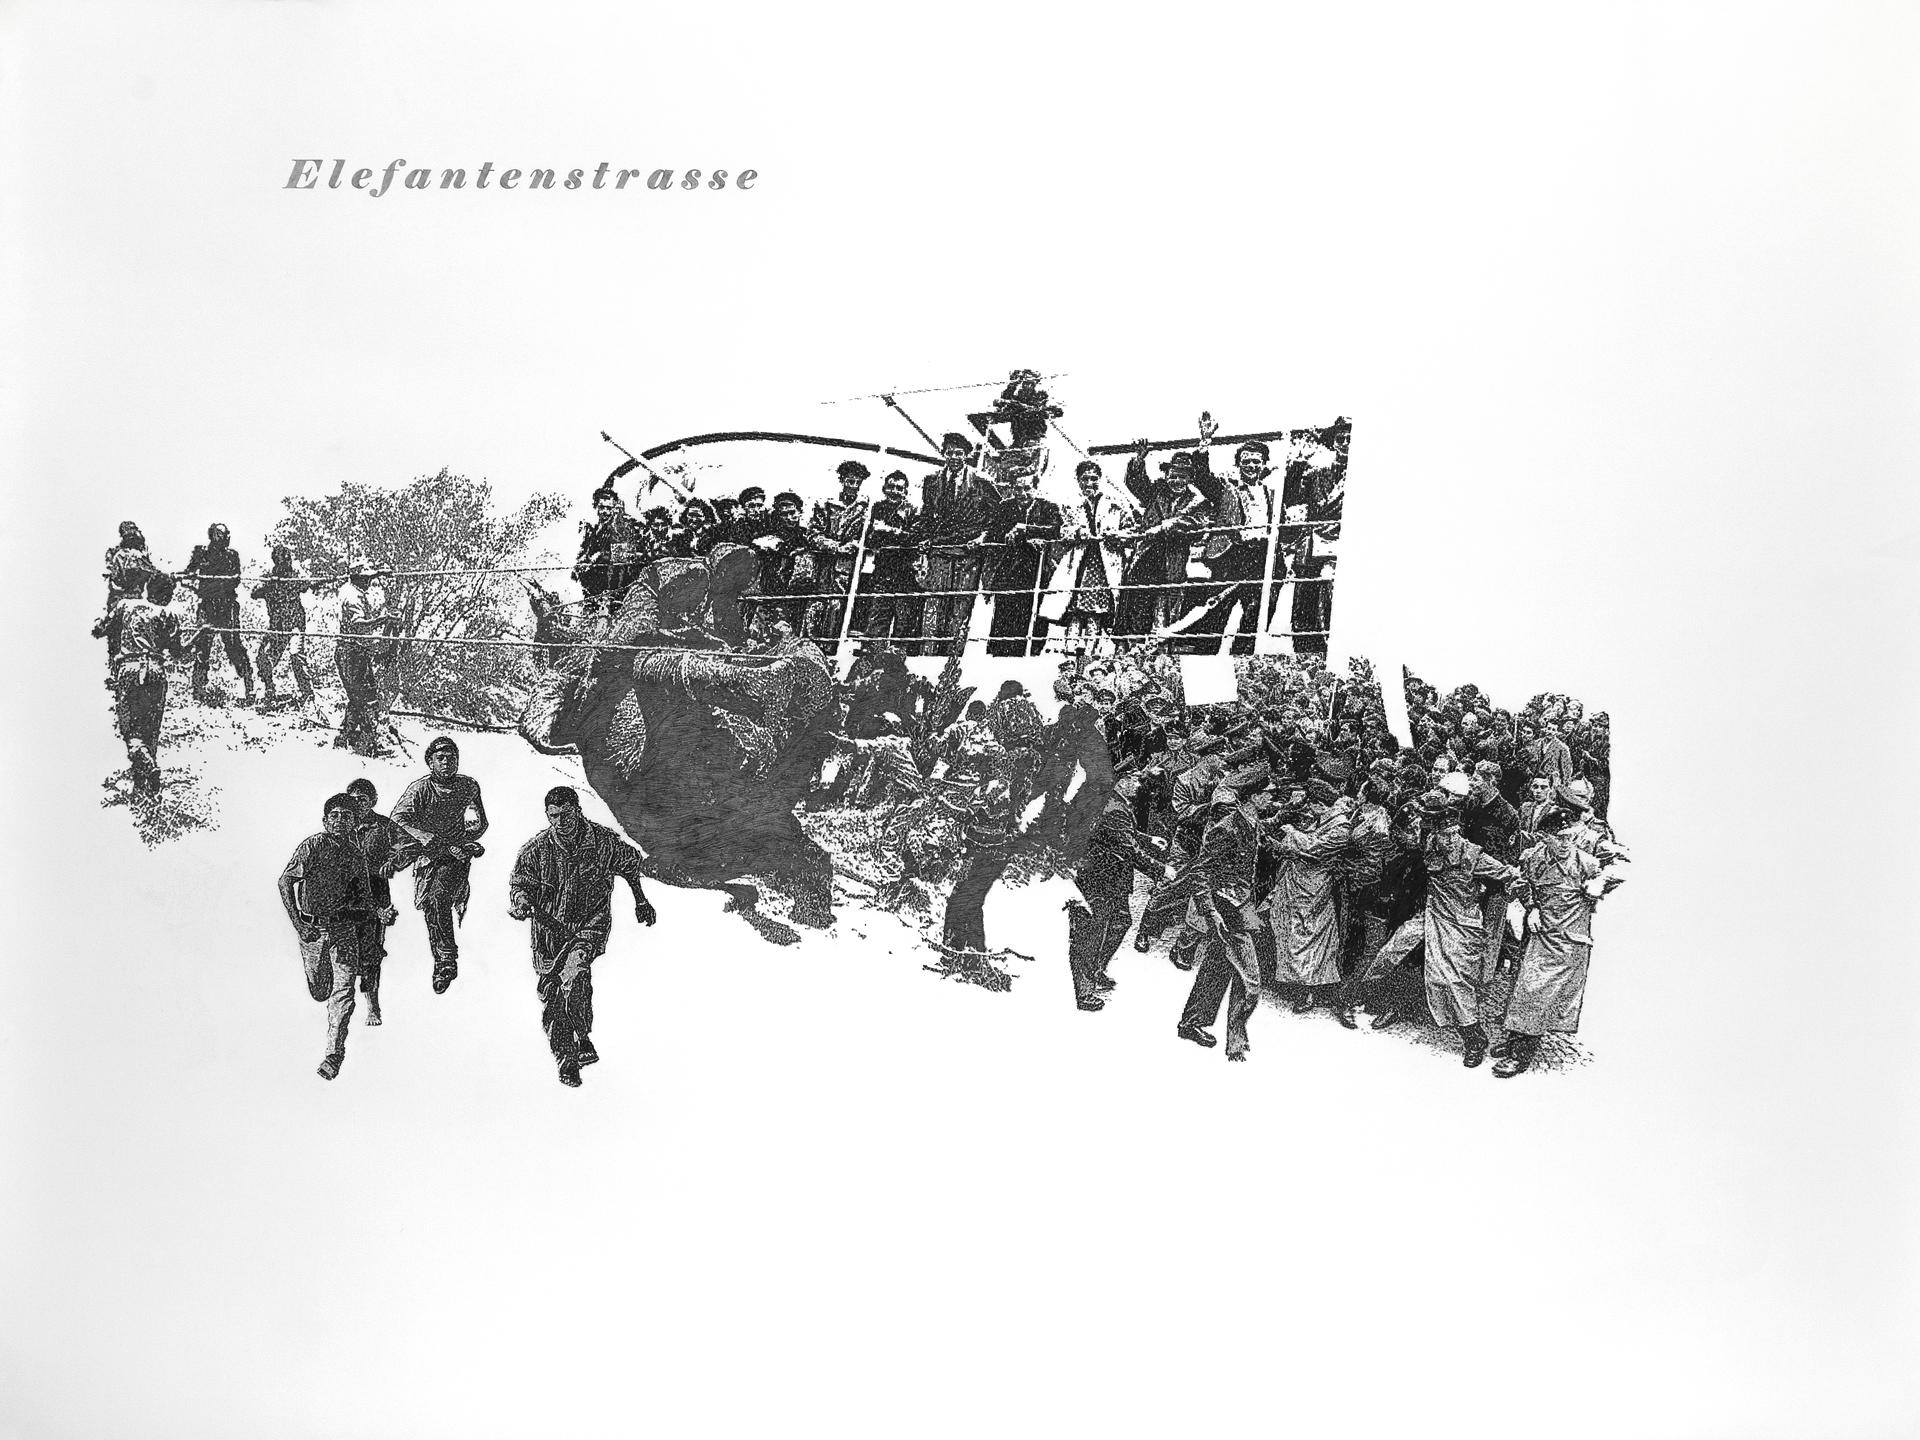 Elefantenstrasse, Bleistift auf Papier, 152cm x 200cm, 2013